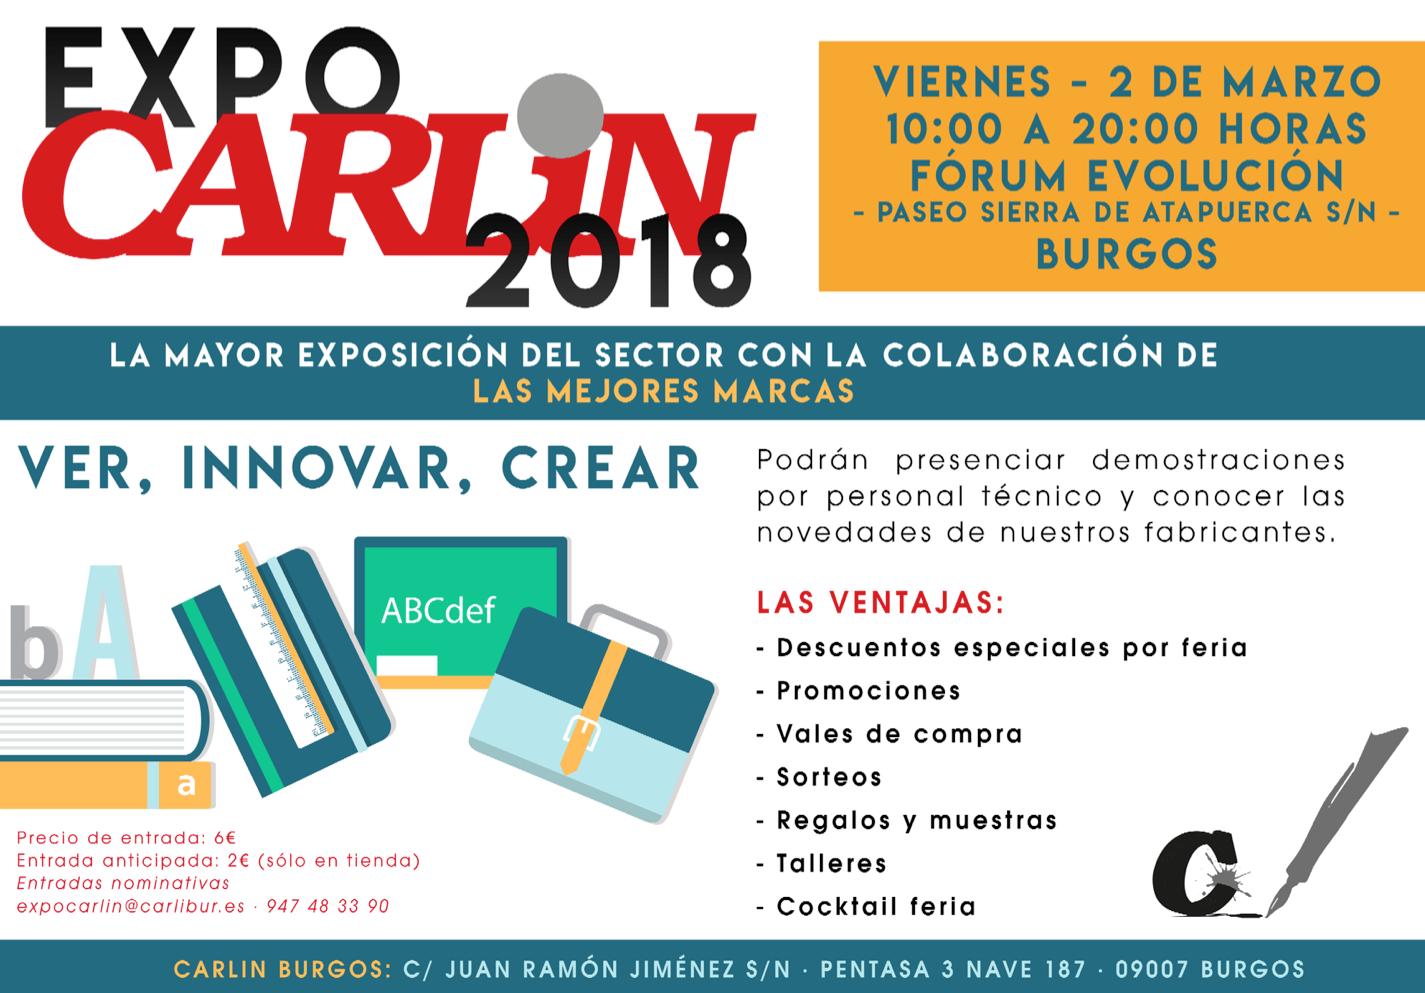 Foto de Expo Carlin 2018